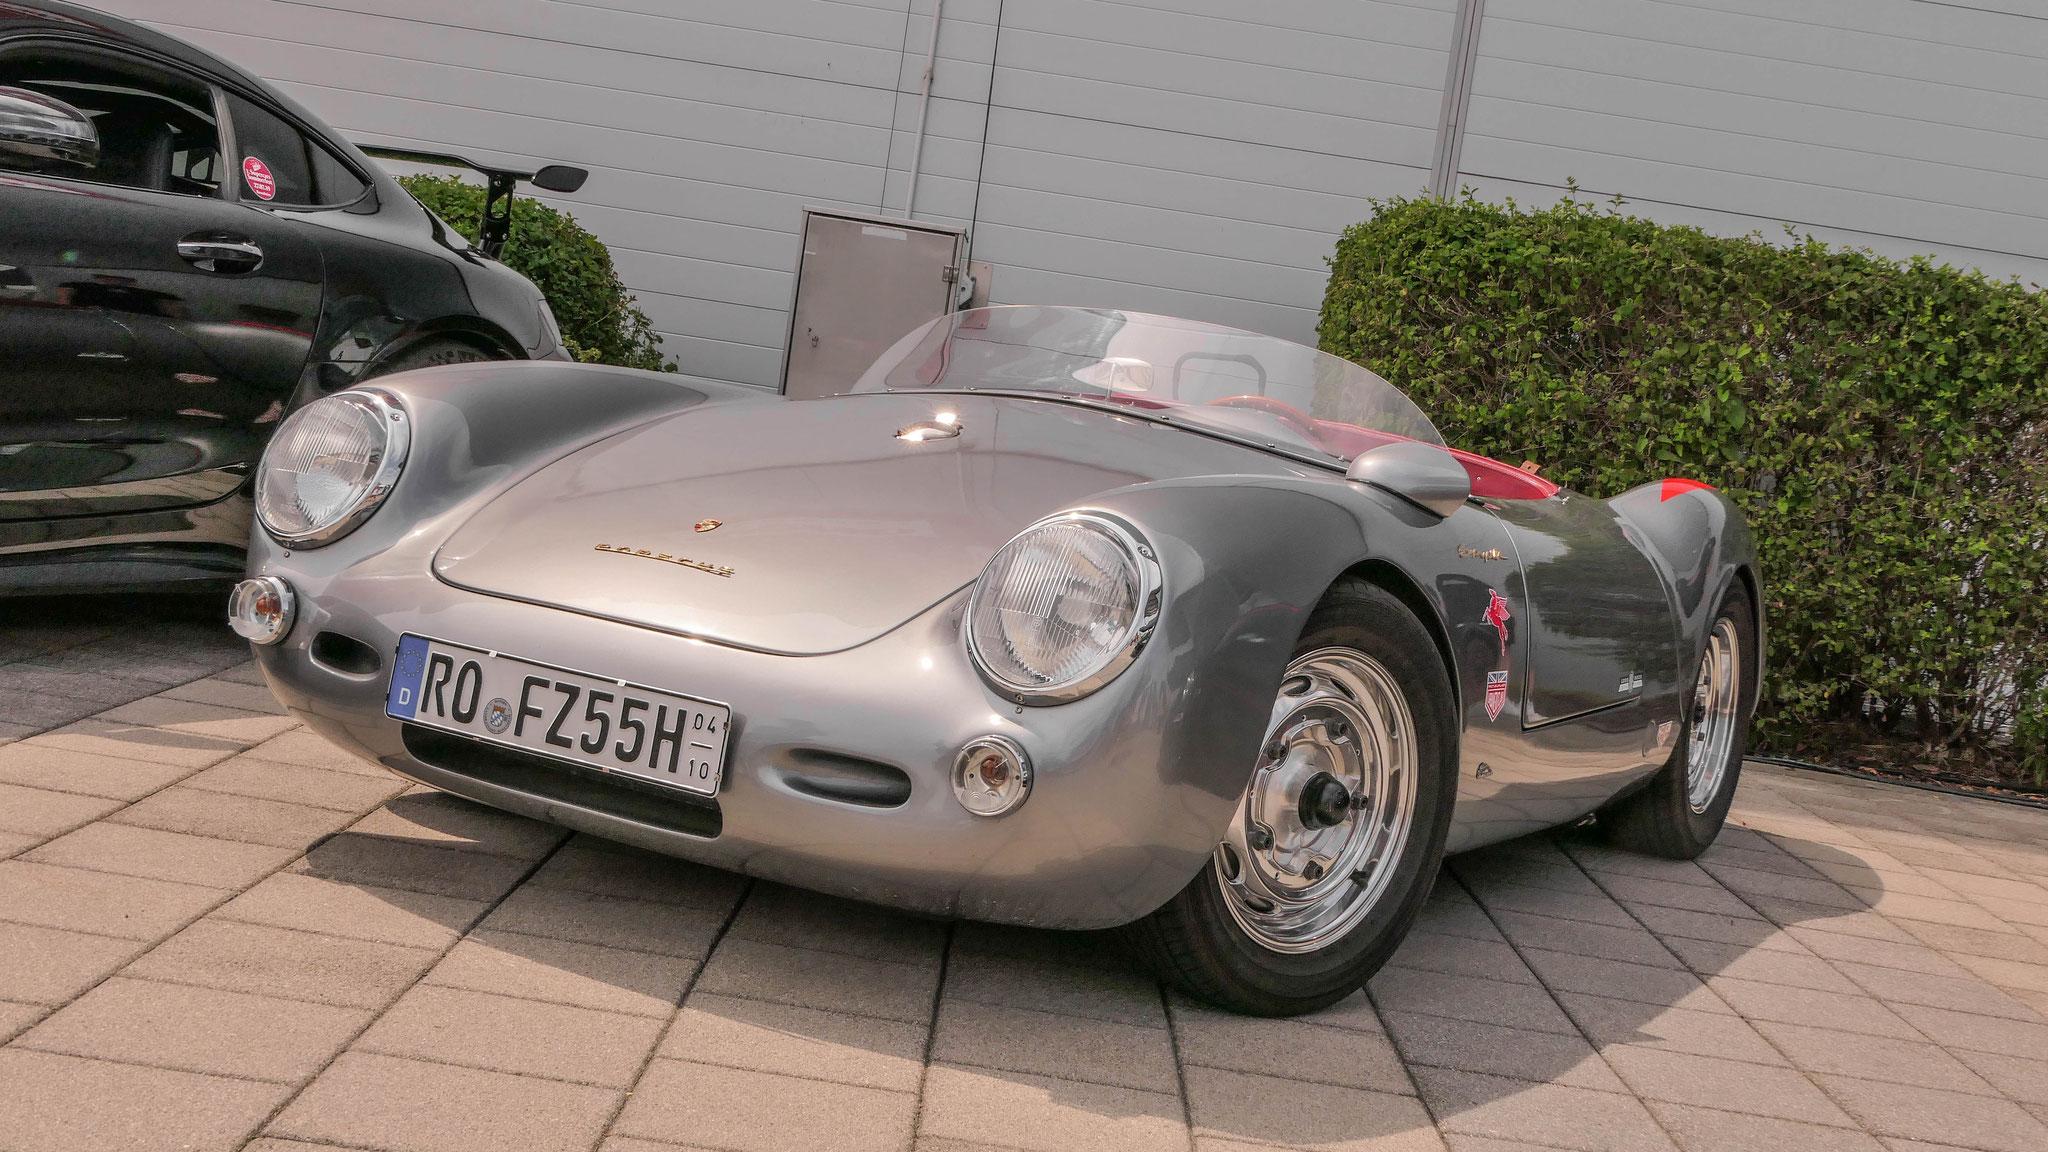 Porsche 550 Spyder - RO-FZ-55H